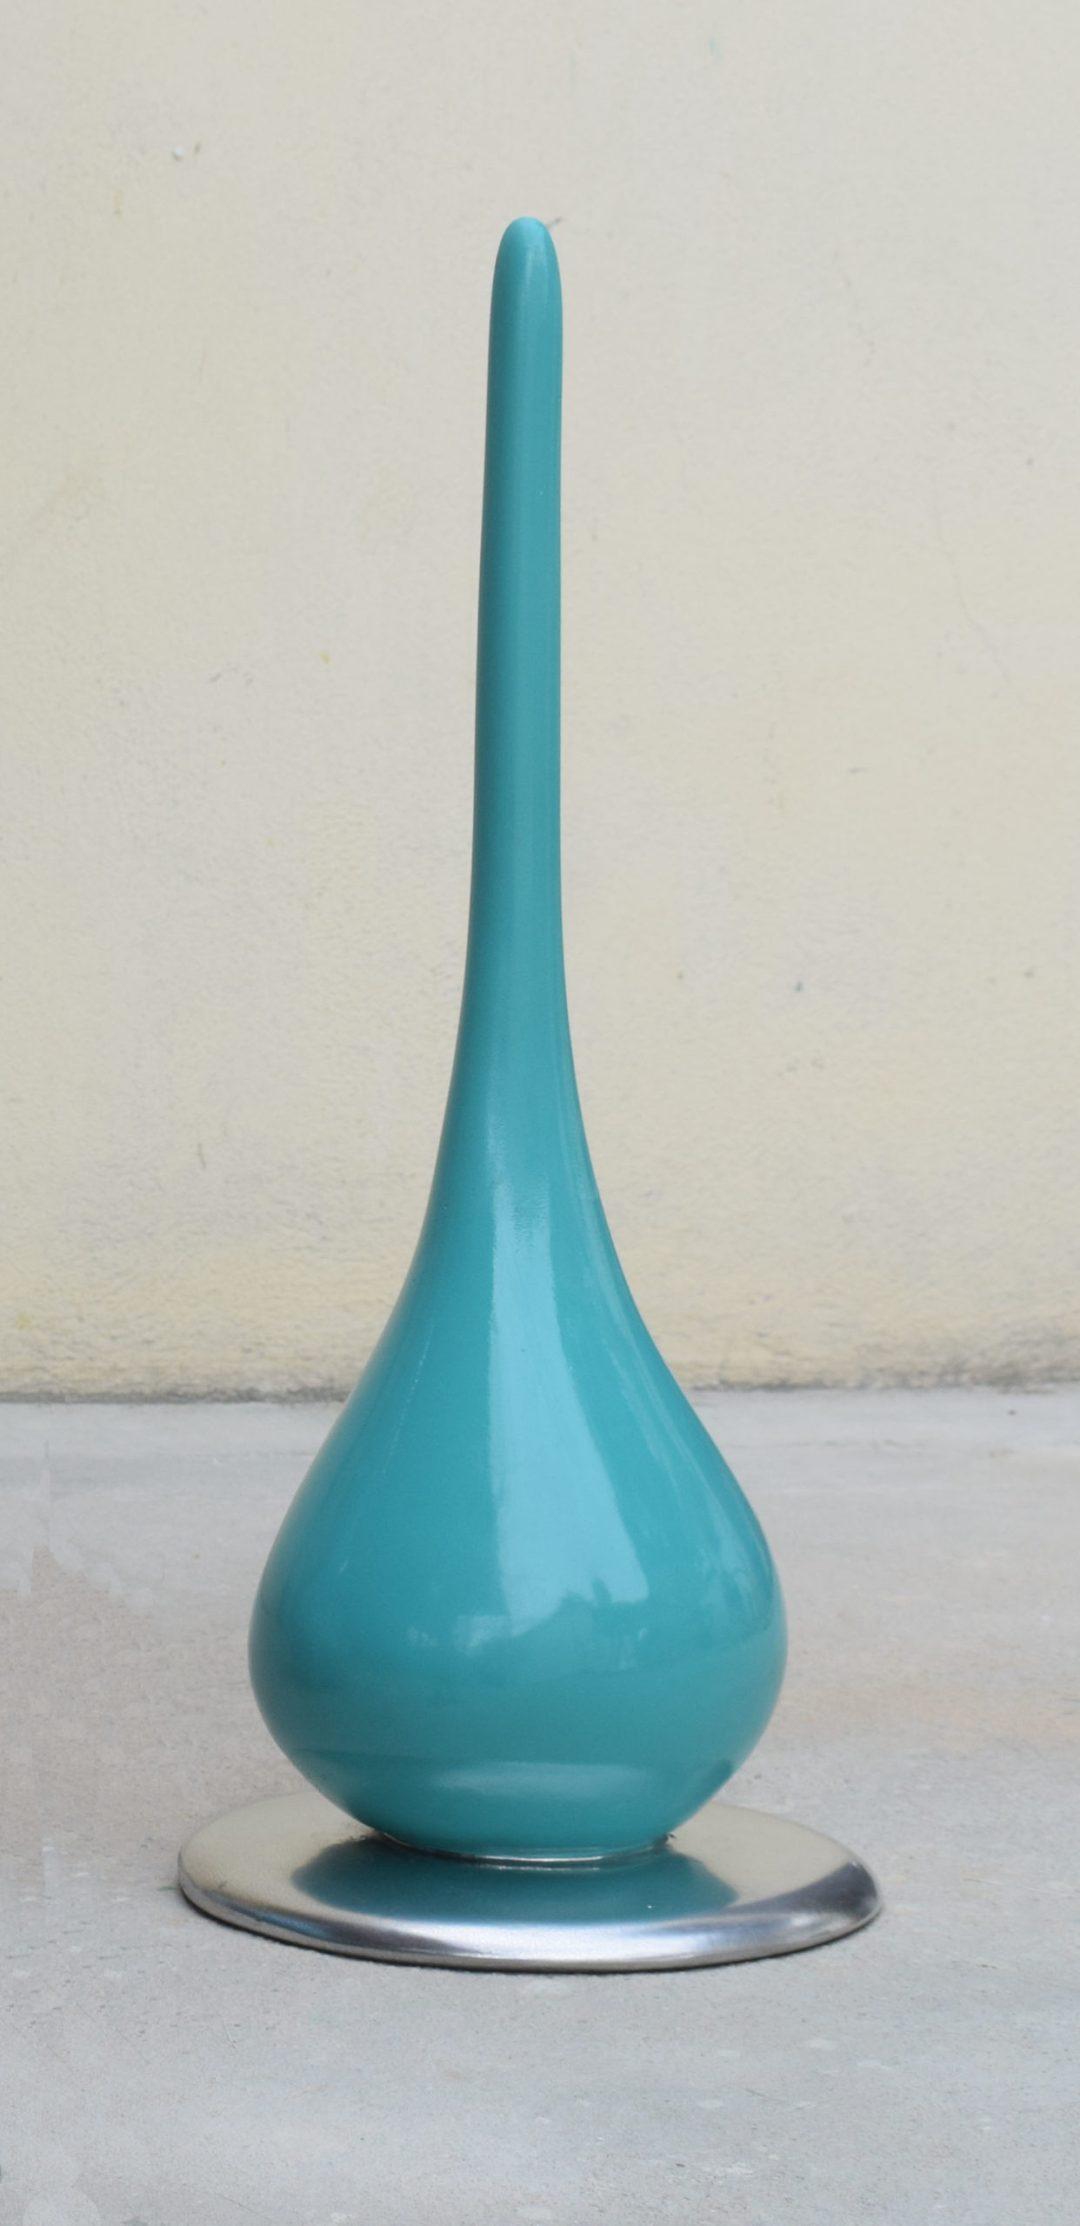 sculpture goutte d'eau